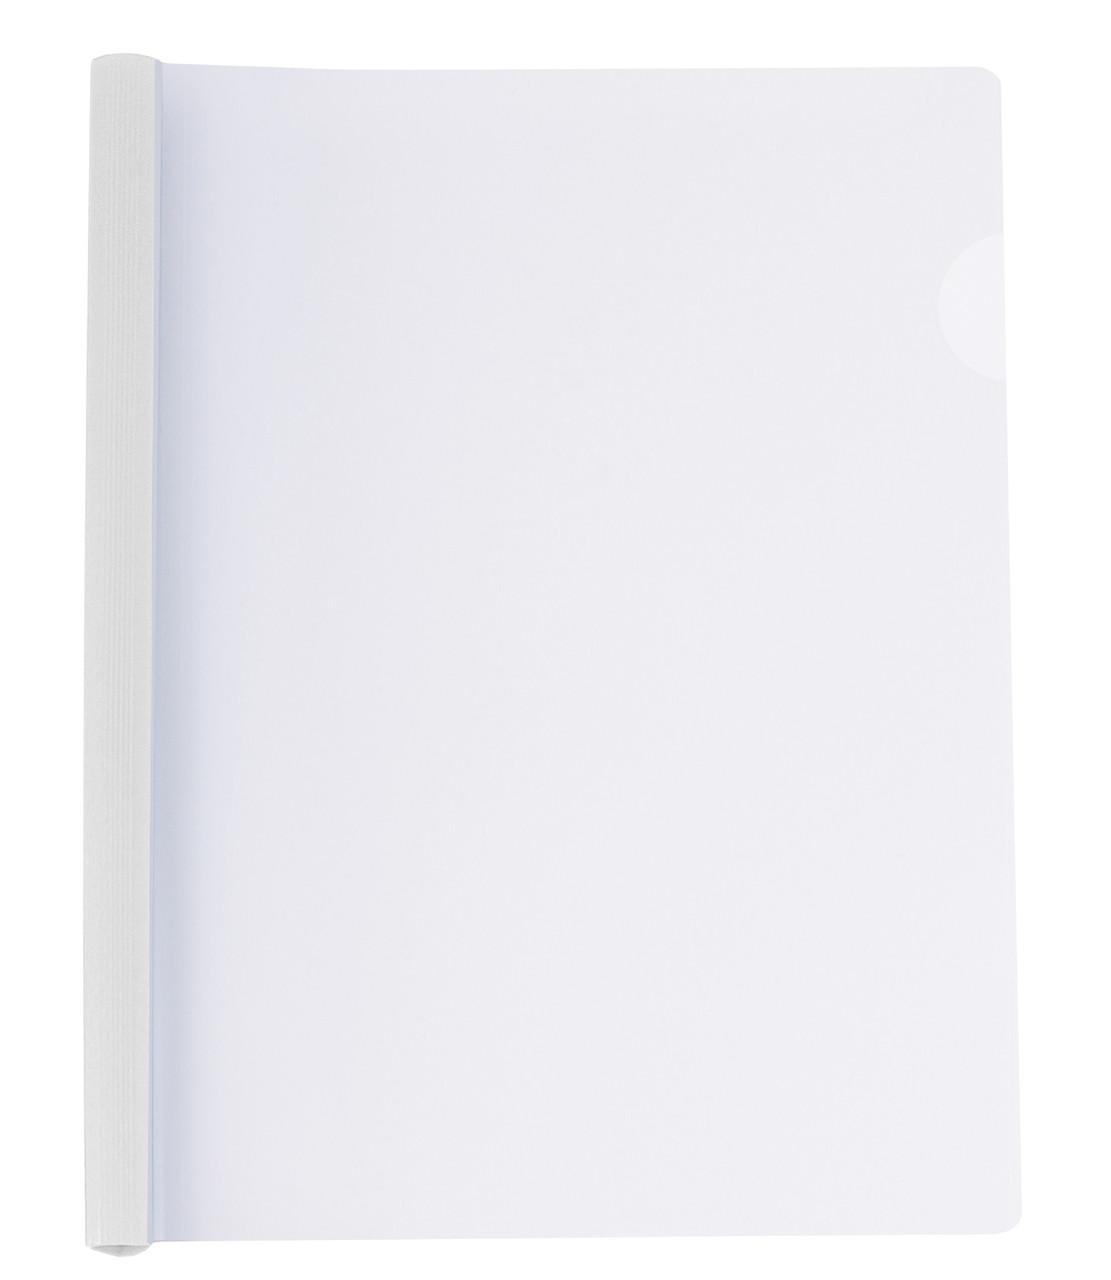 Папка-швидкозшивач А4 Economix пластикова планкою з притиском 8 мм (2-65 аркушів) 31205